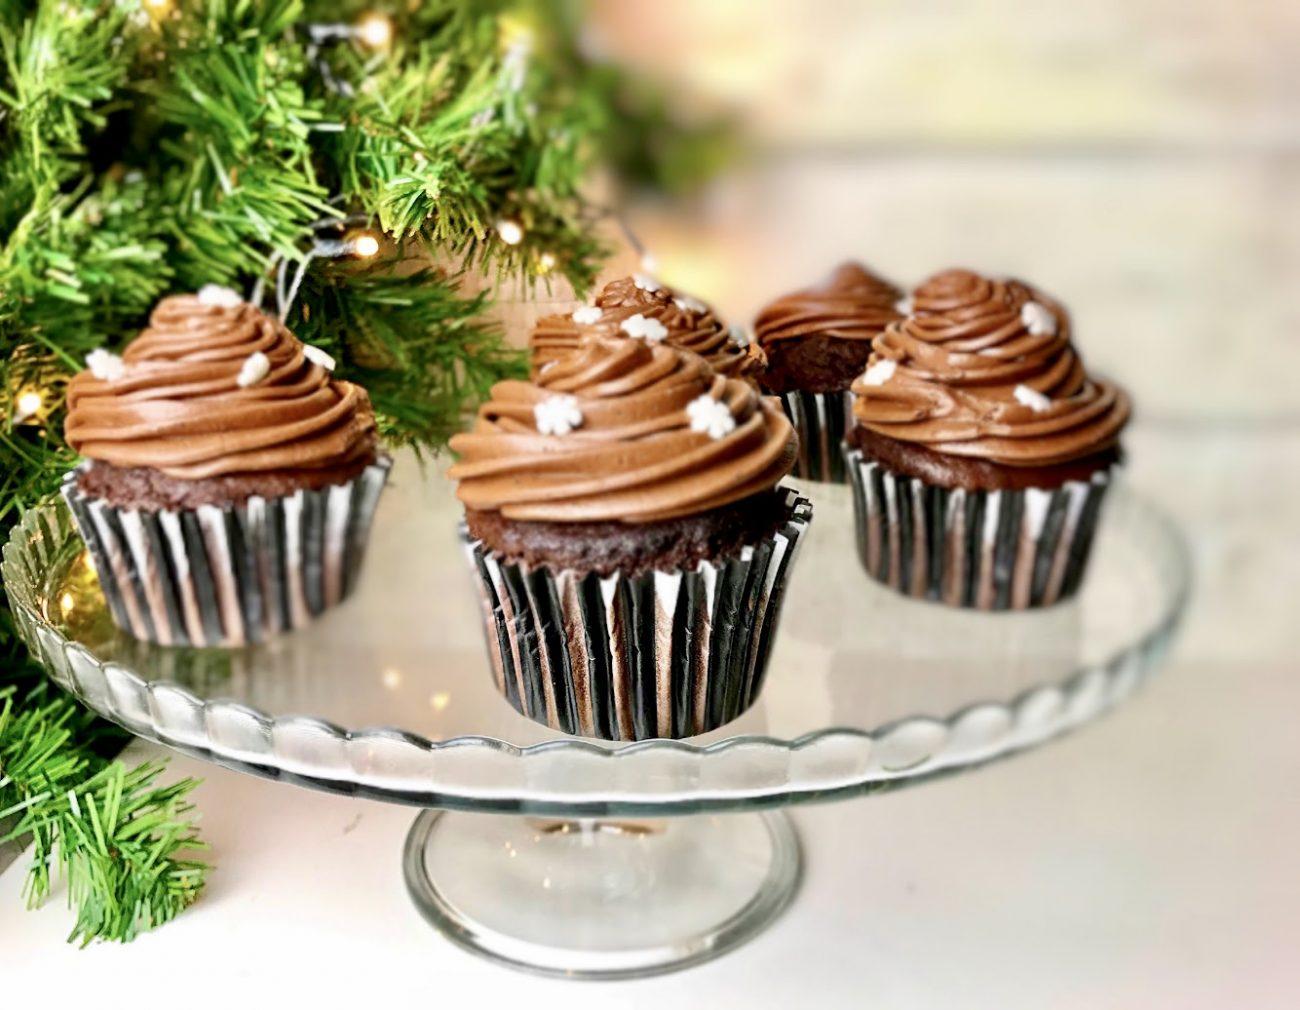 Χριστουγεννιάτικα σοκολατένια muffins